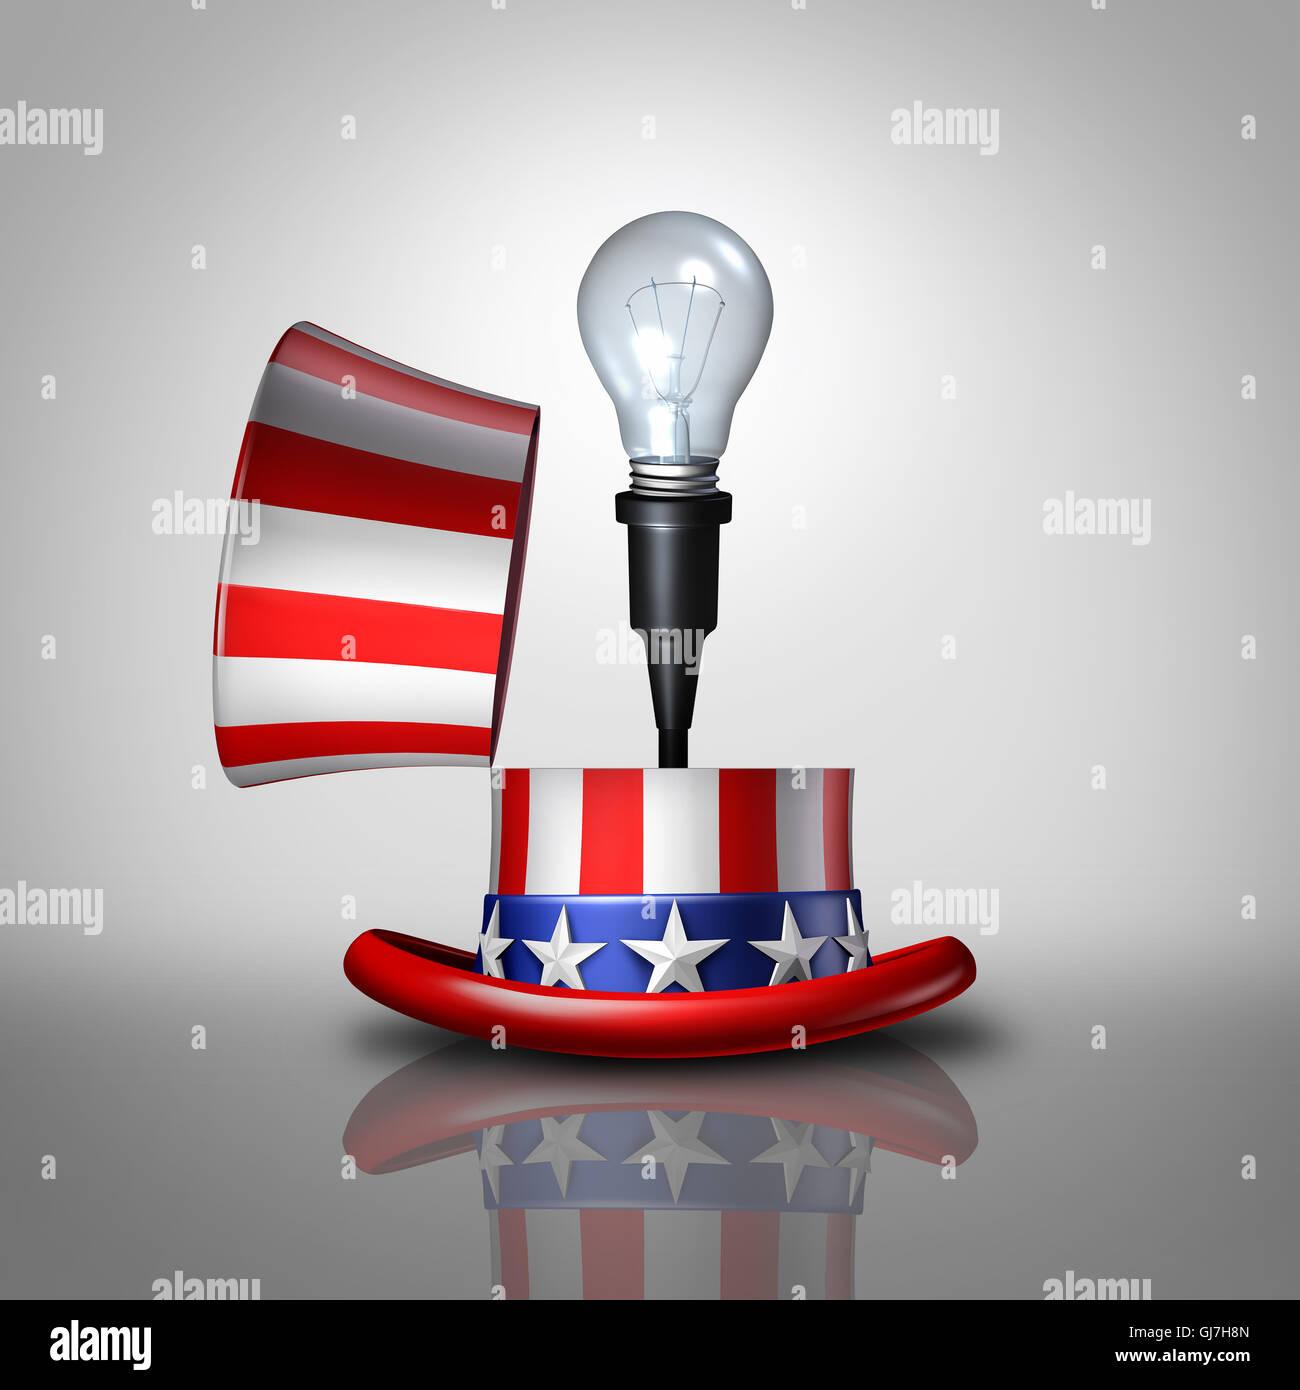 Amerikanische Idee Konzept als eine offene United States flag Hut mit einer Glühbirne Schwellenländern Stockbild